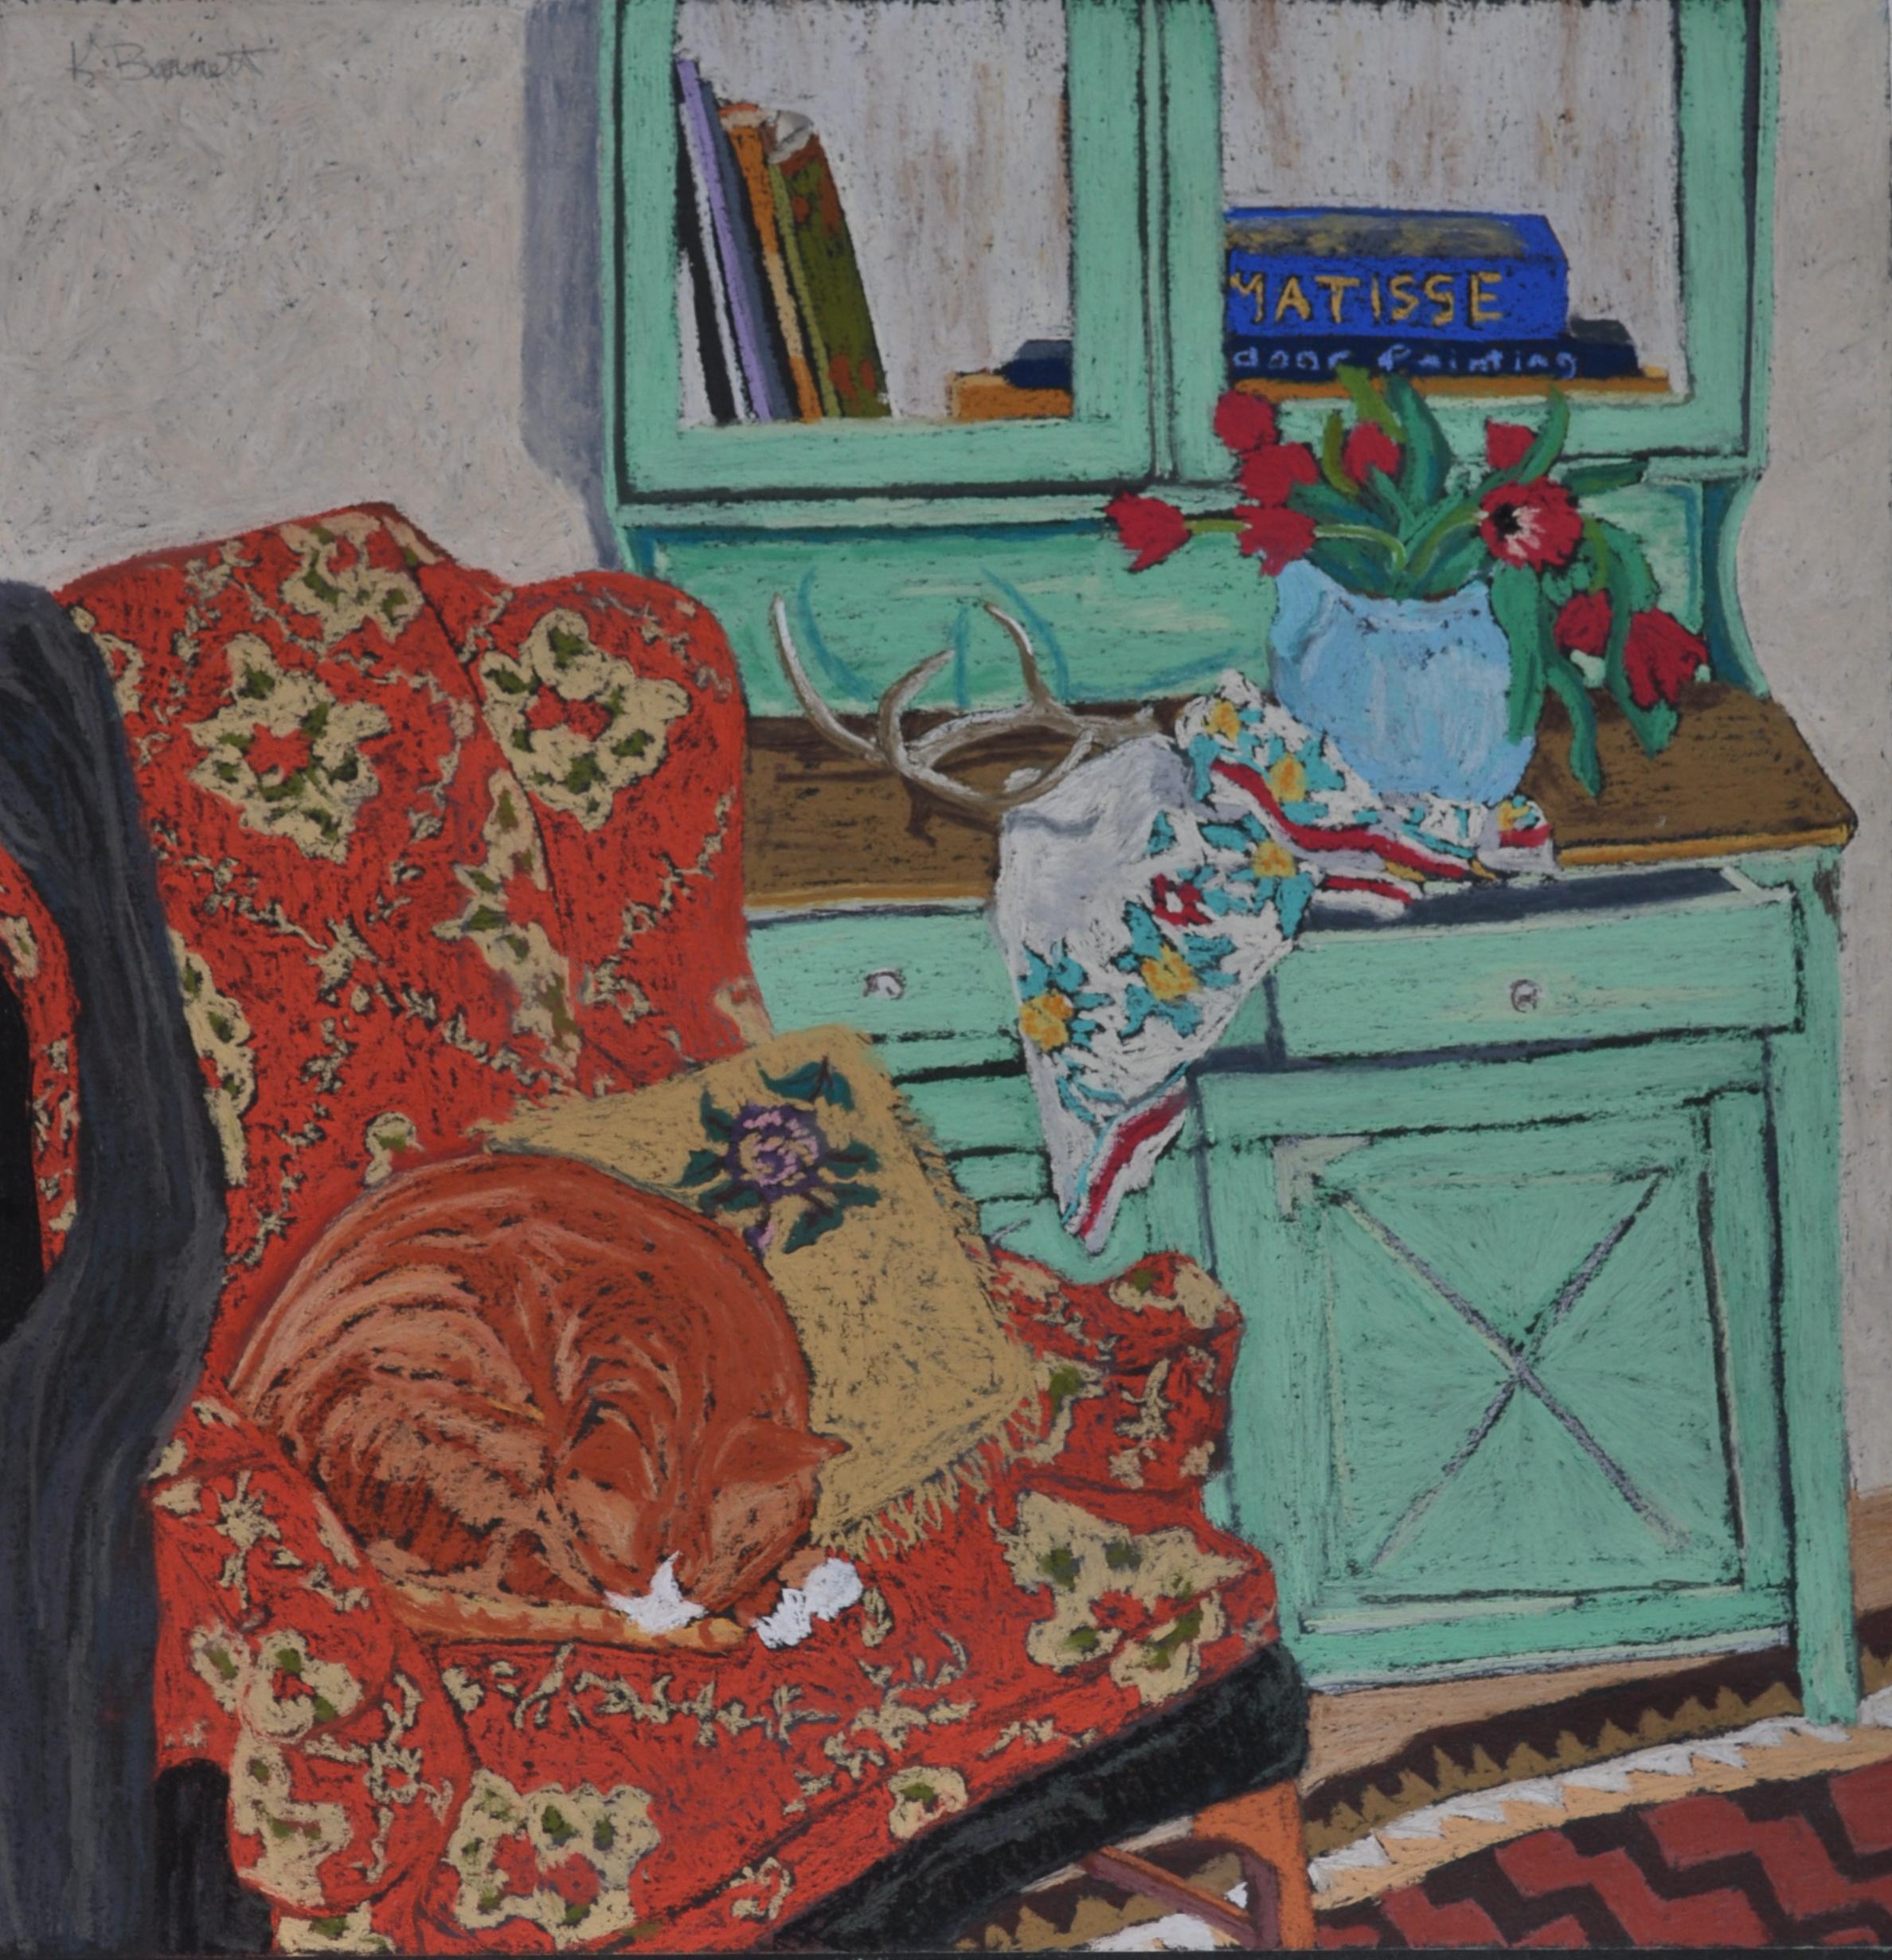 Studio Cat with Matisse